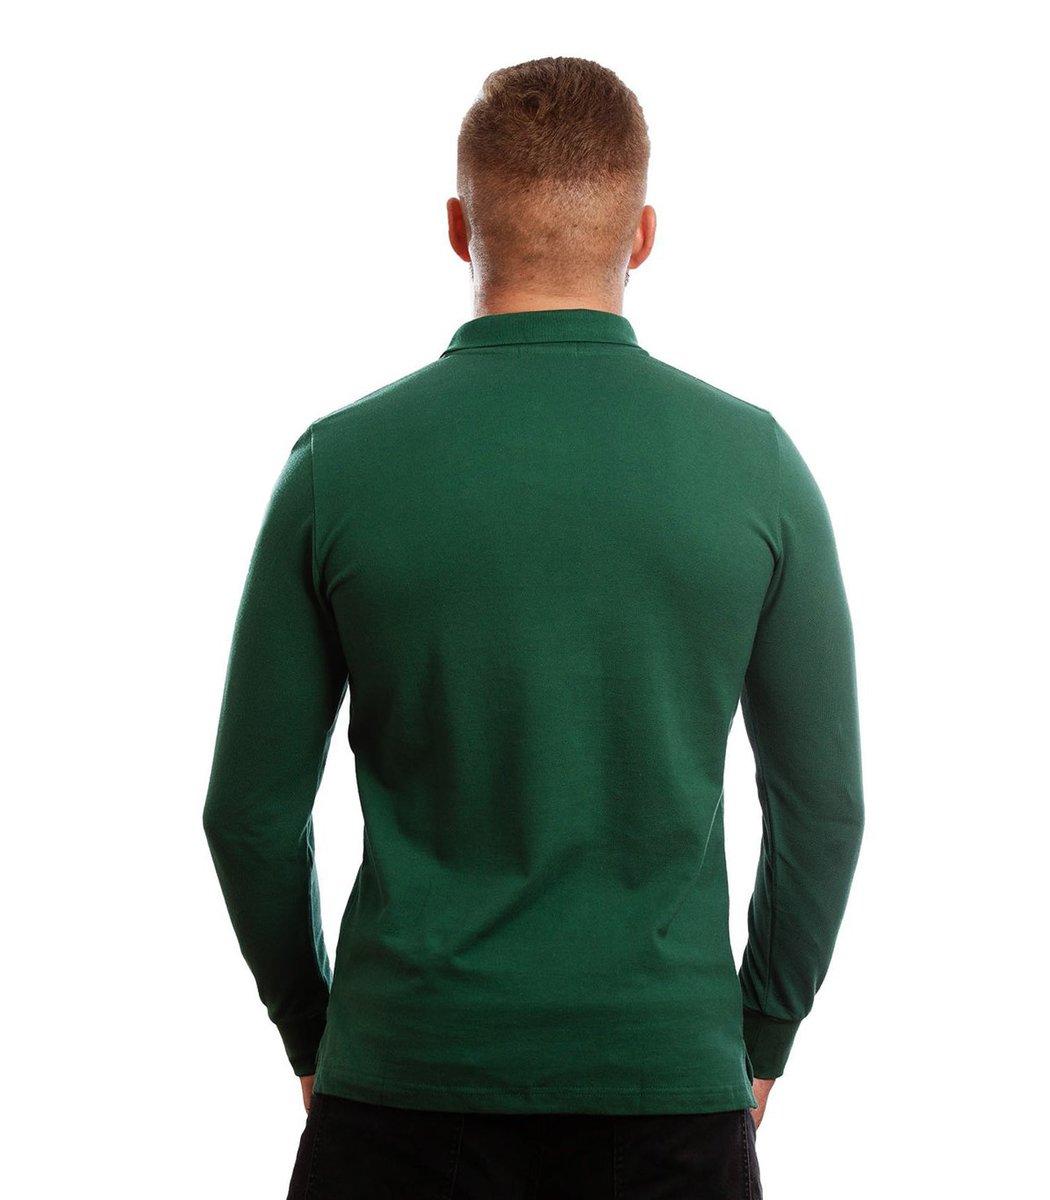 Зеленое поло с длинным рукавом POLO Ralph Lauren PR1  - Зеленый - Вид 6